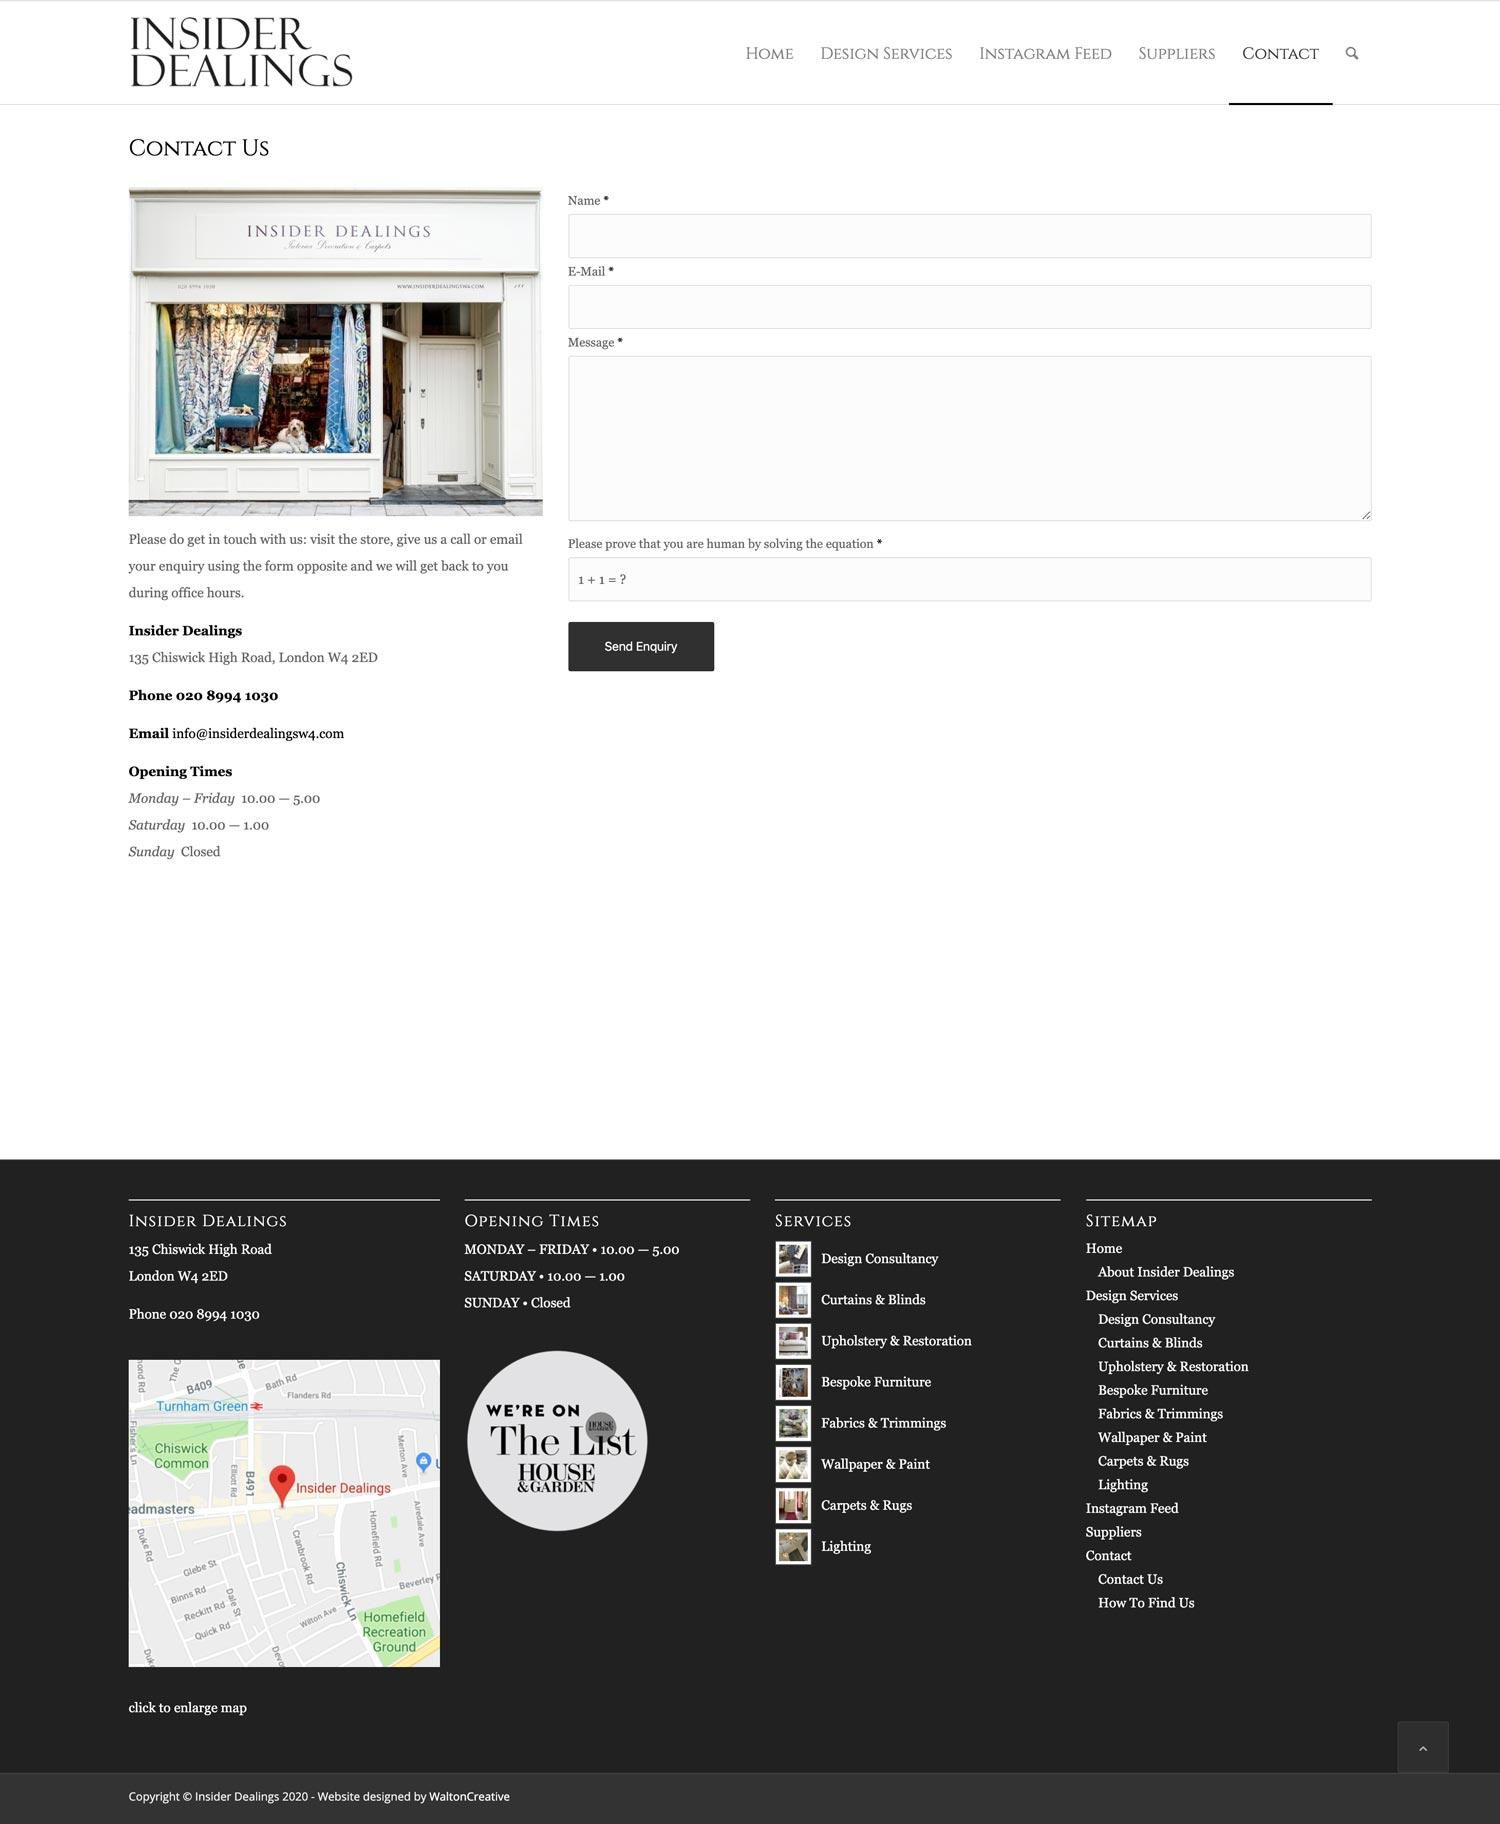 Insider Dealings Website Contact